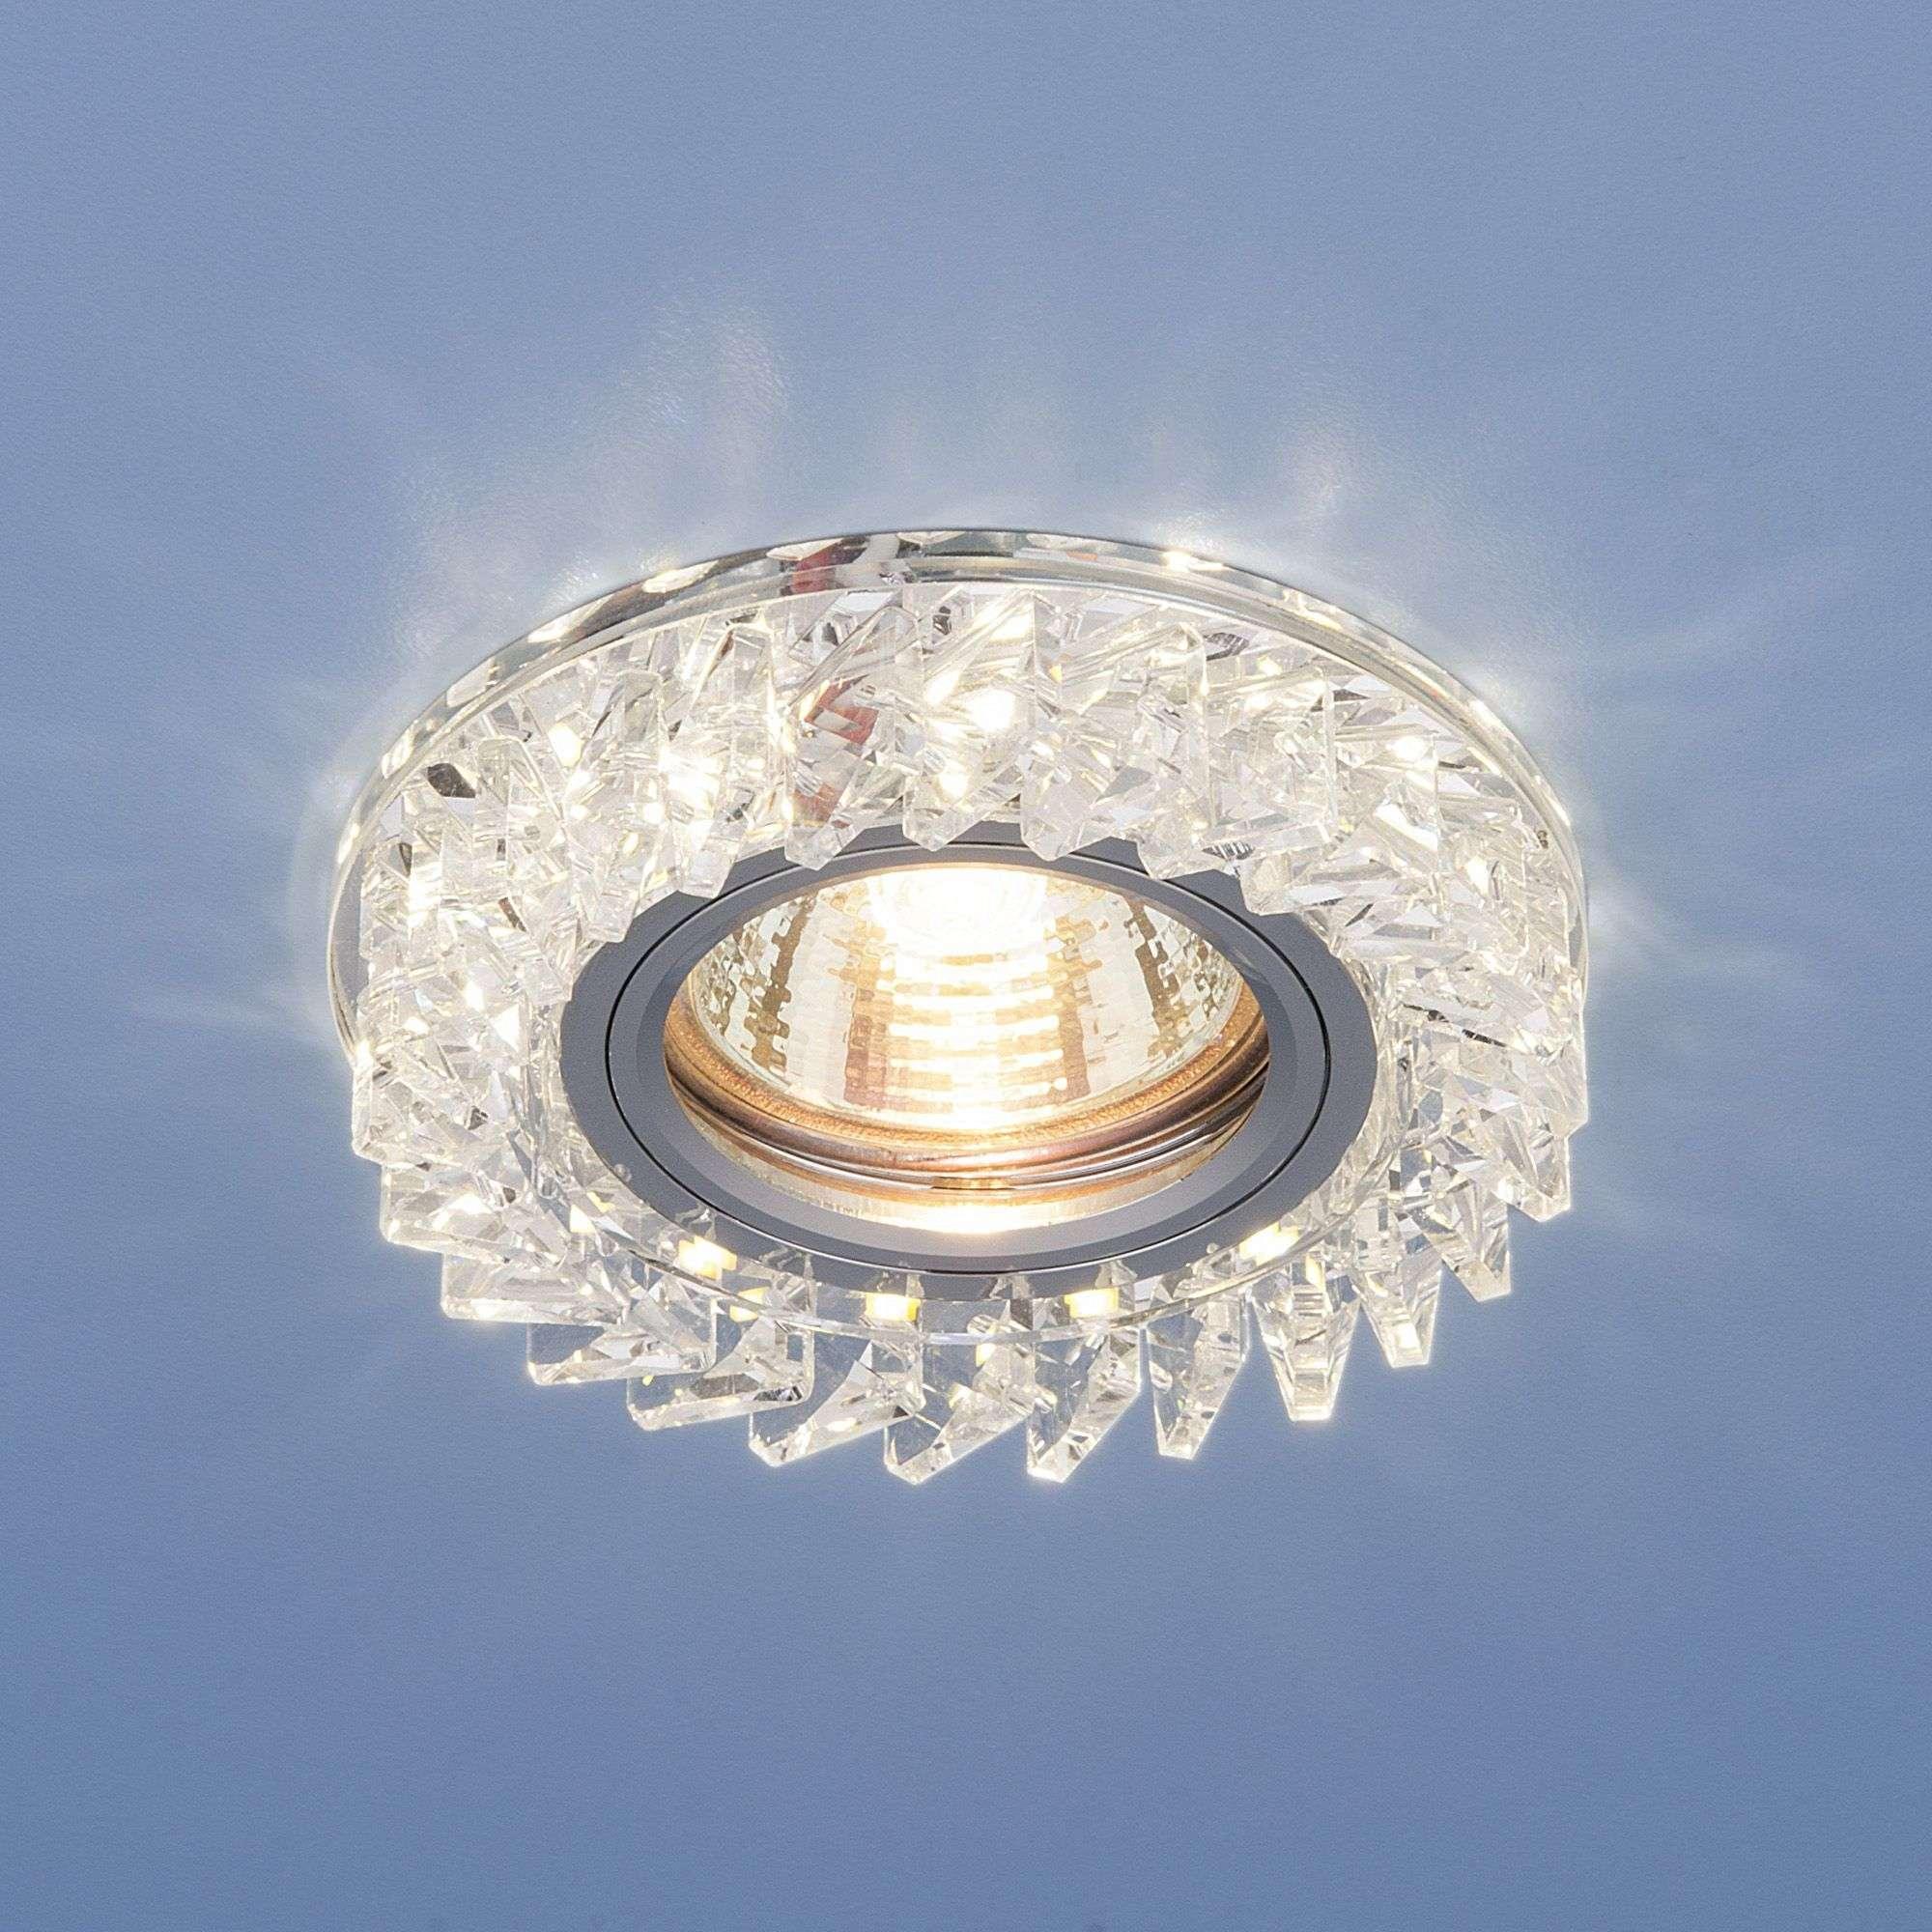 Встраиваемый точечный светильник с LED подсветкой 2216 MR16 CL прозрачный